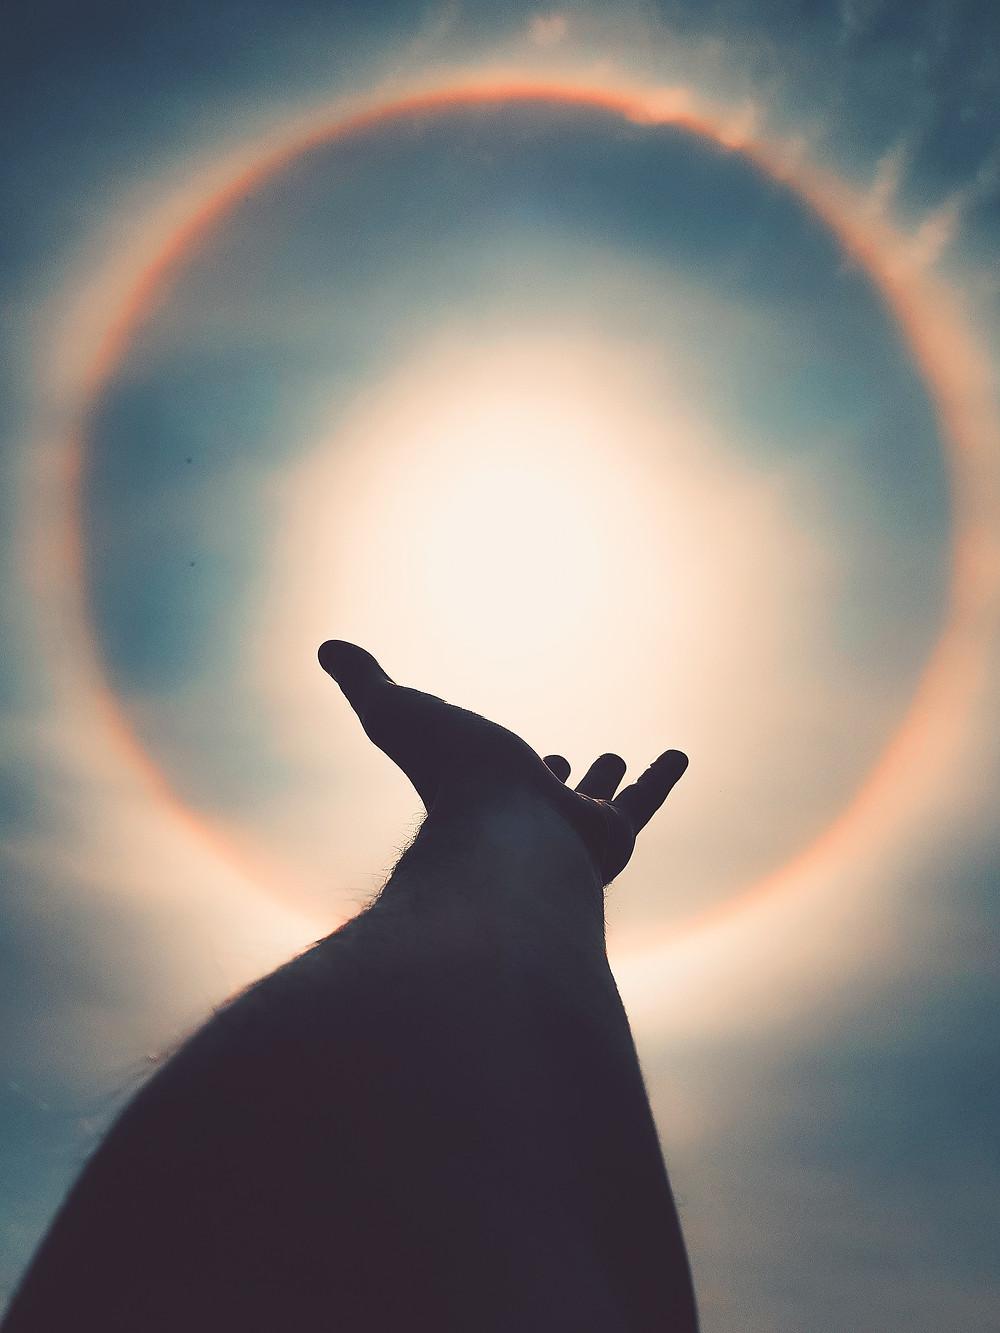 Hand extending towards sun